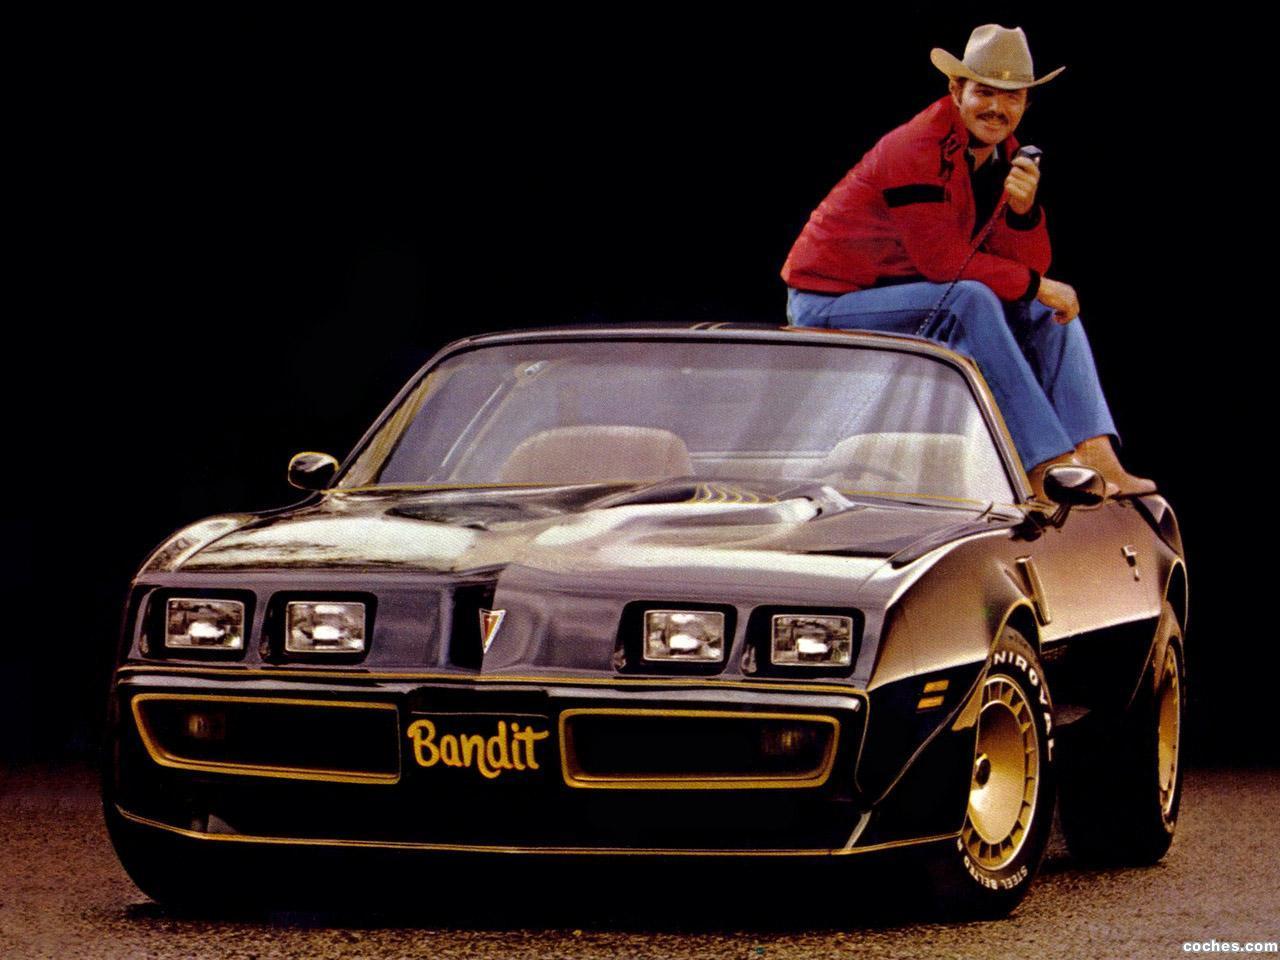 fotos de pontiac firebird trans am bandit 1981. Black Bedroom Furniture Sets. Home Design Ideas